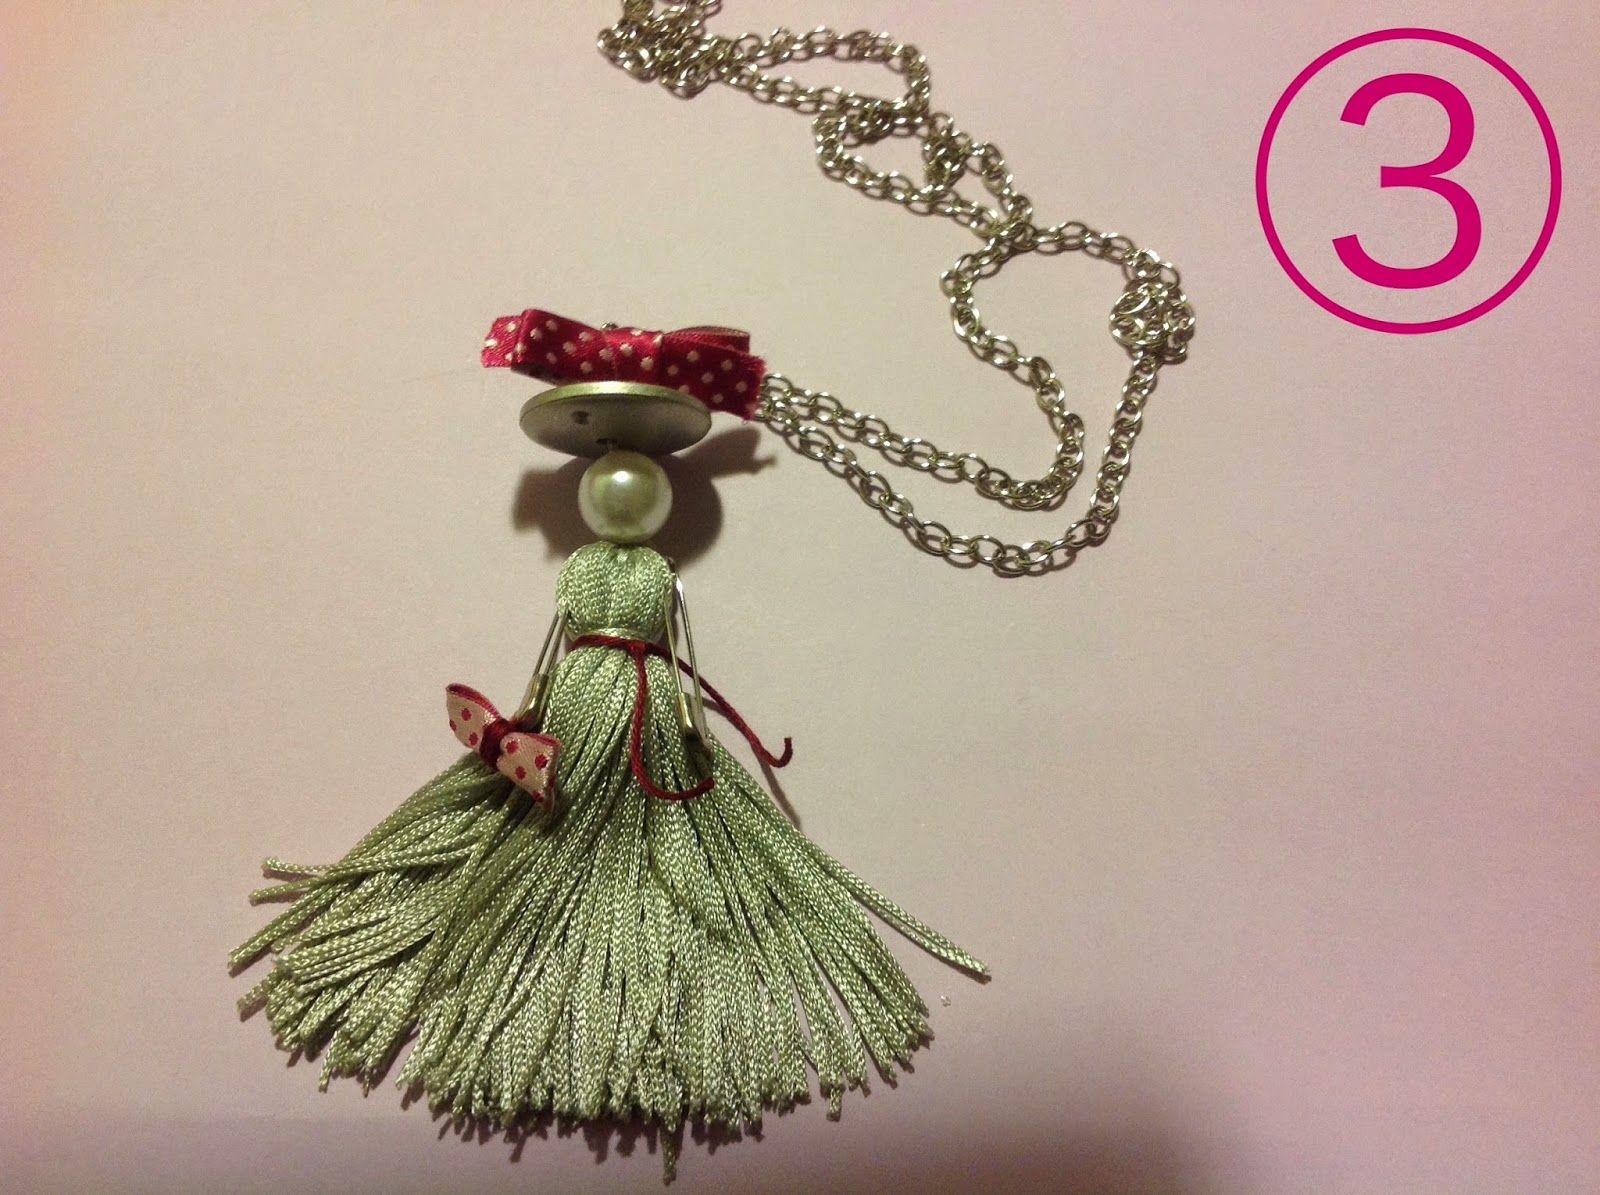 acquista l'originale costruzione razionale comprare in vendita Risultati immagini per bamboline di perline fai da te ...